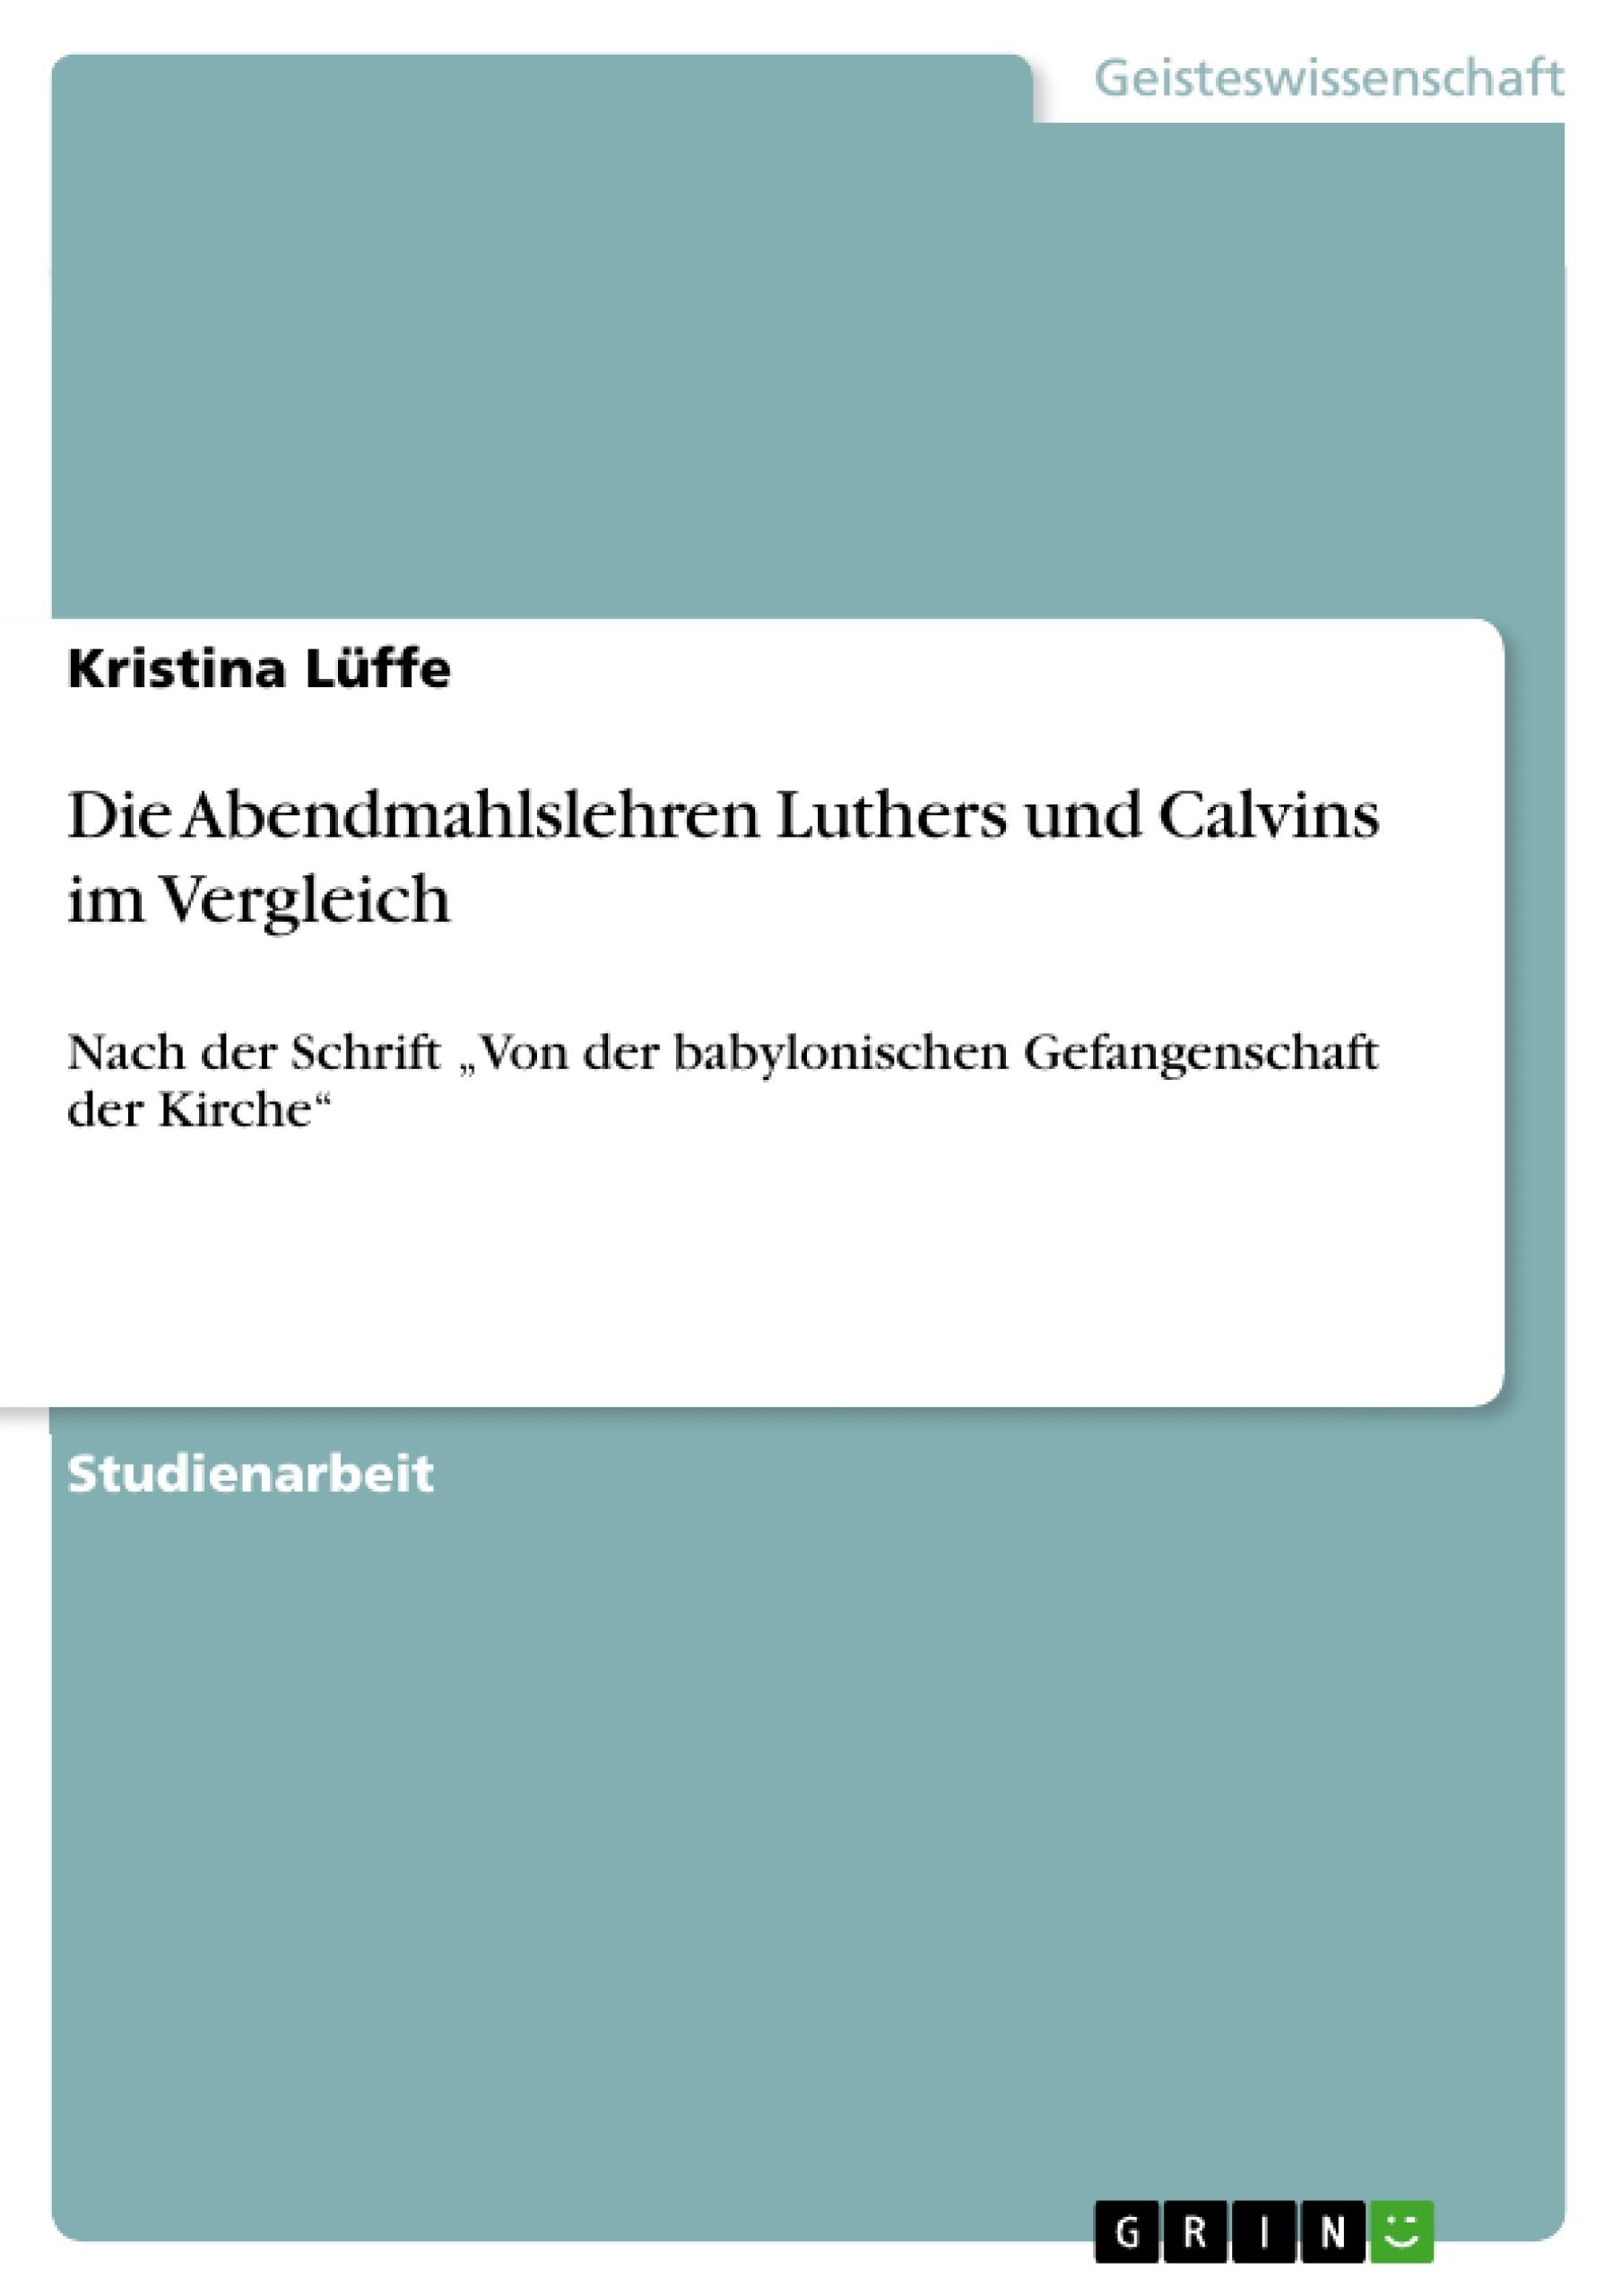 Titel: Die Abendmahlslehren Luthers und Calvins im Vergleich